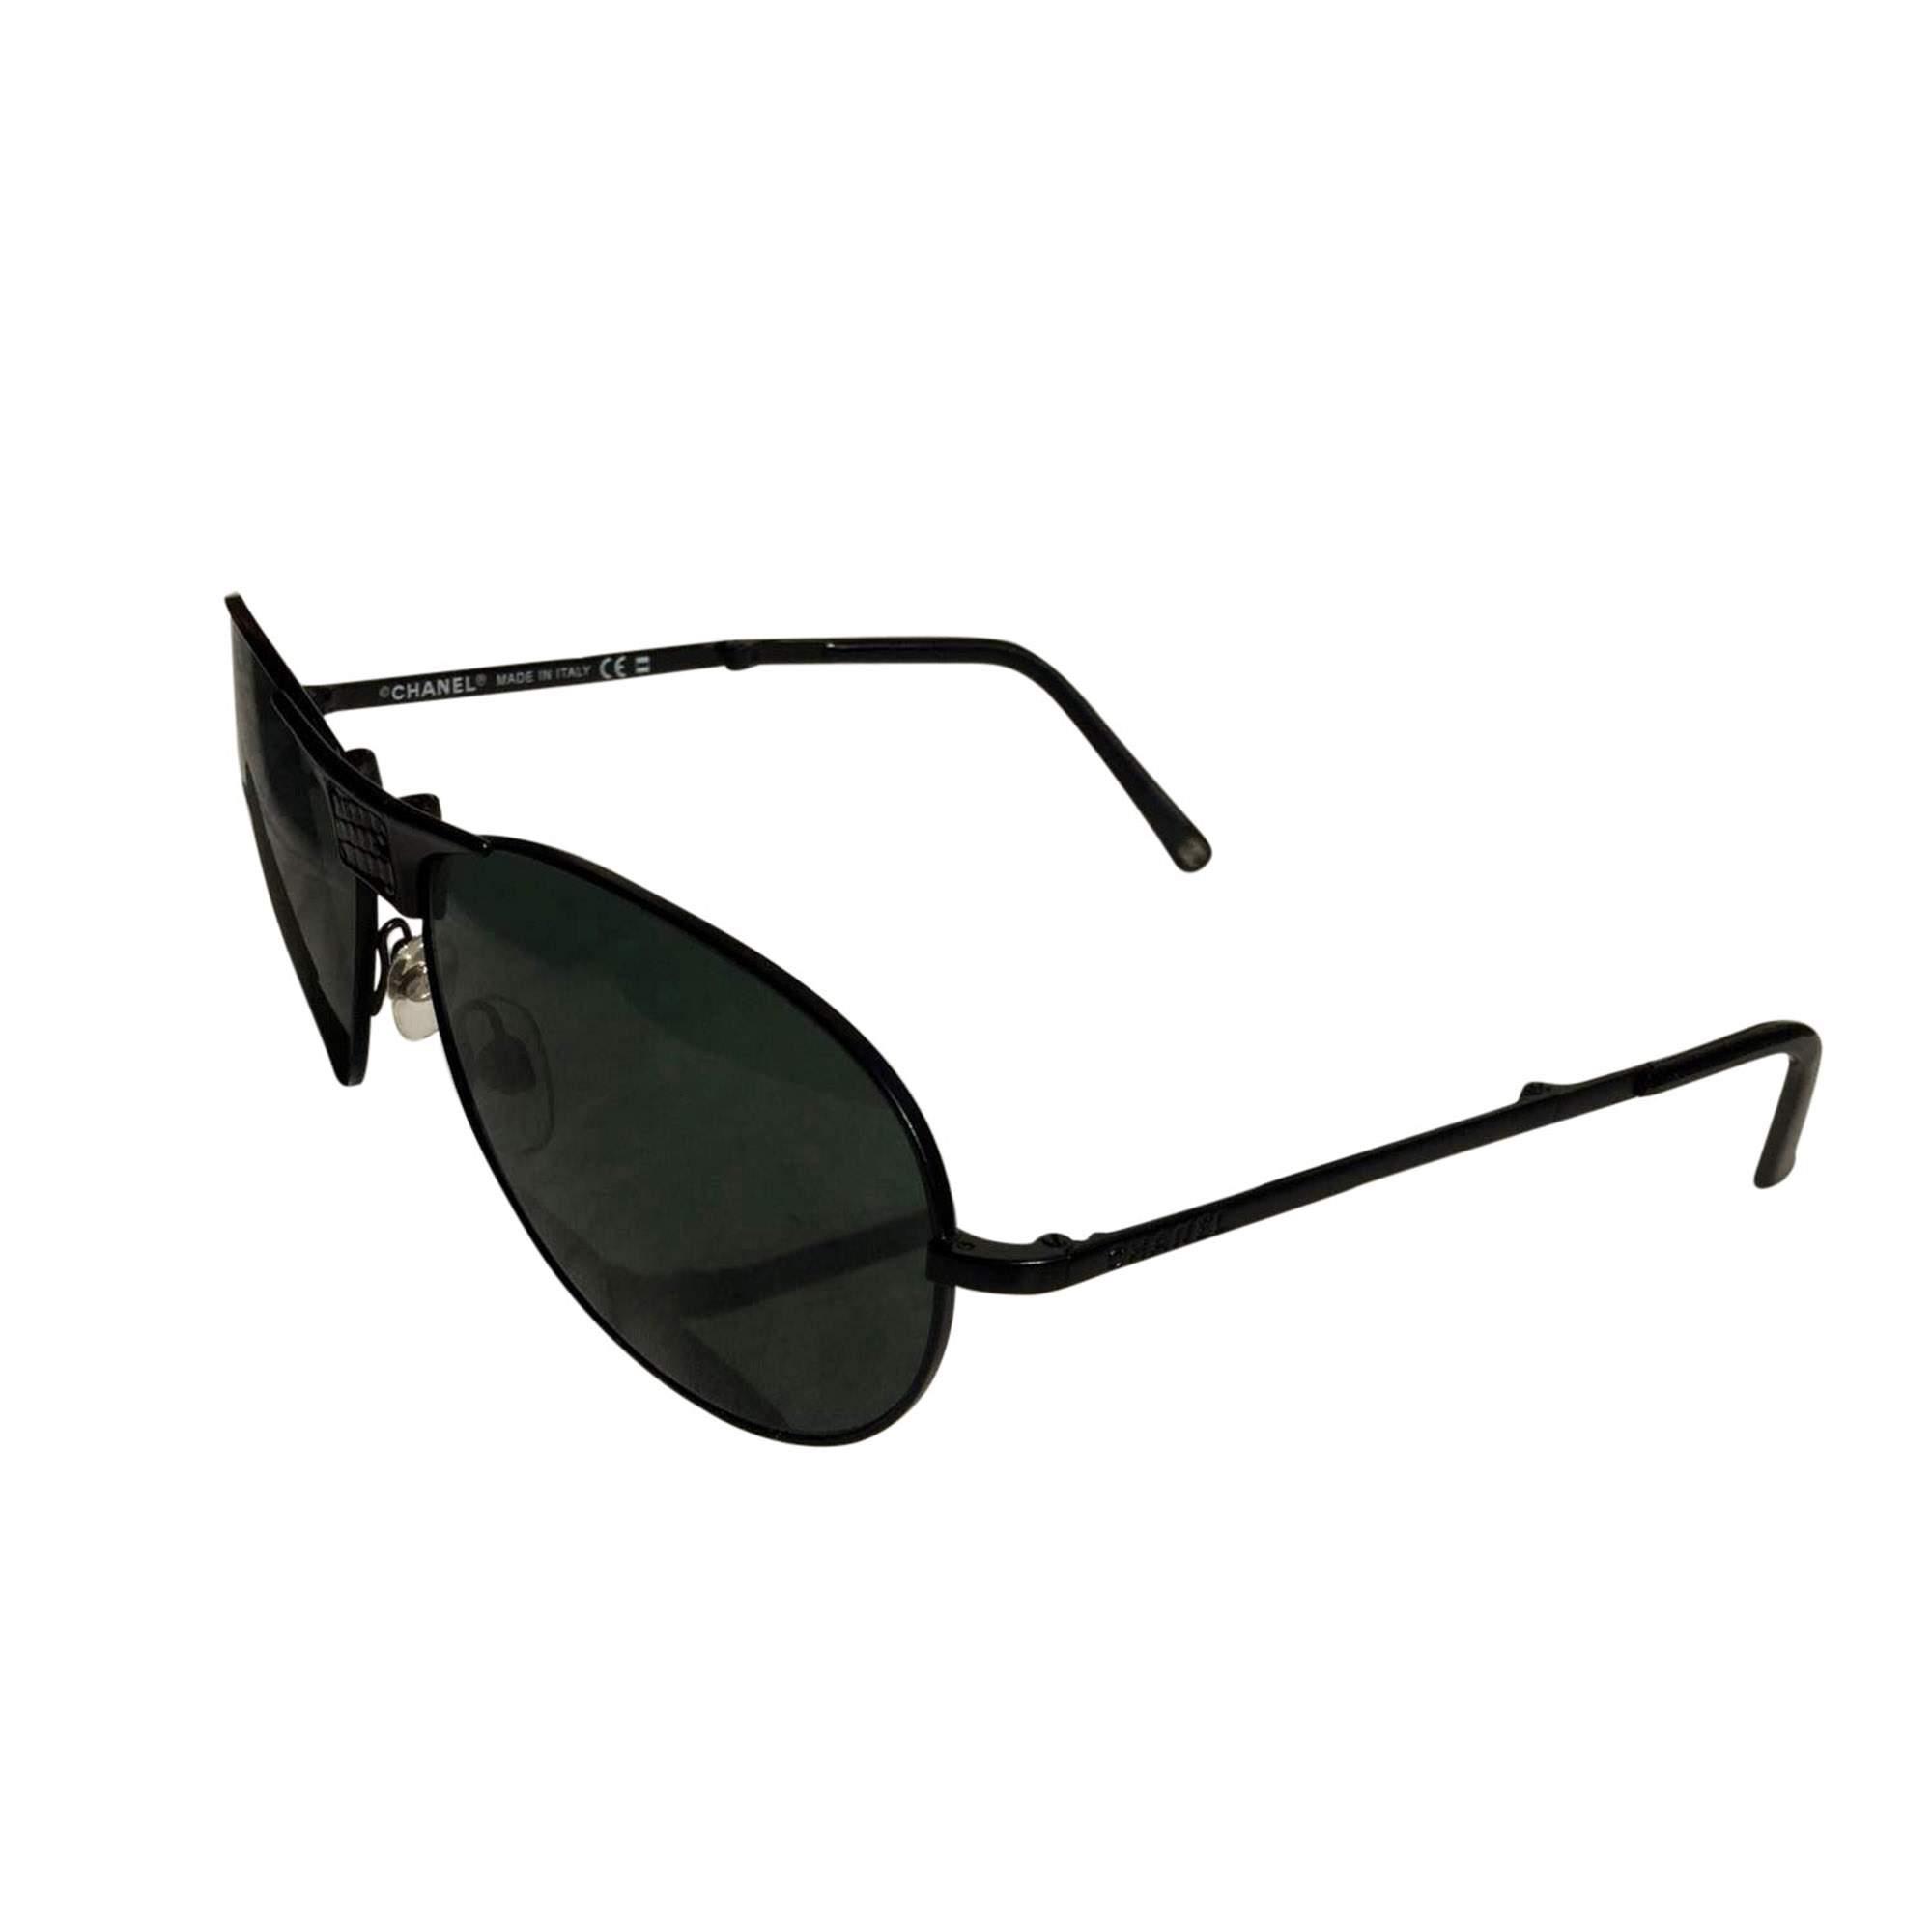 b90c3e09257 Chanel Black Sunglasses